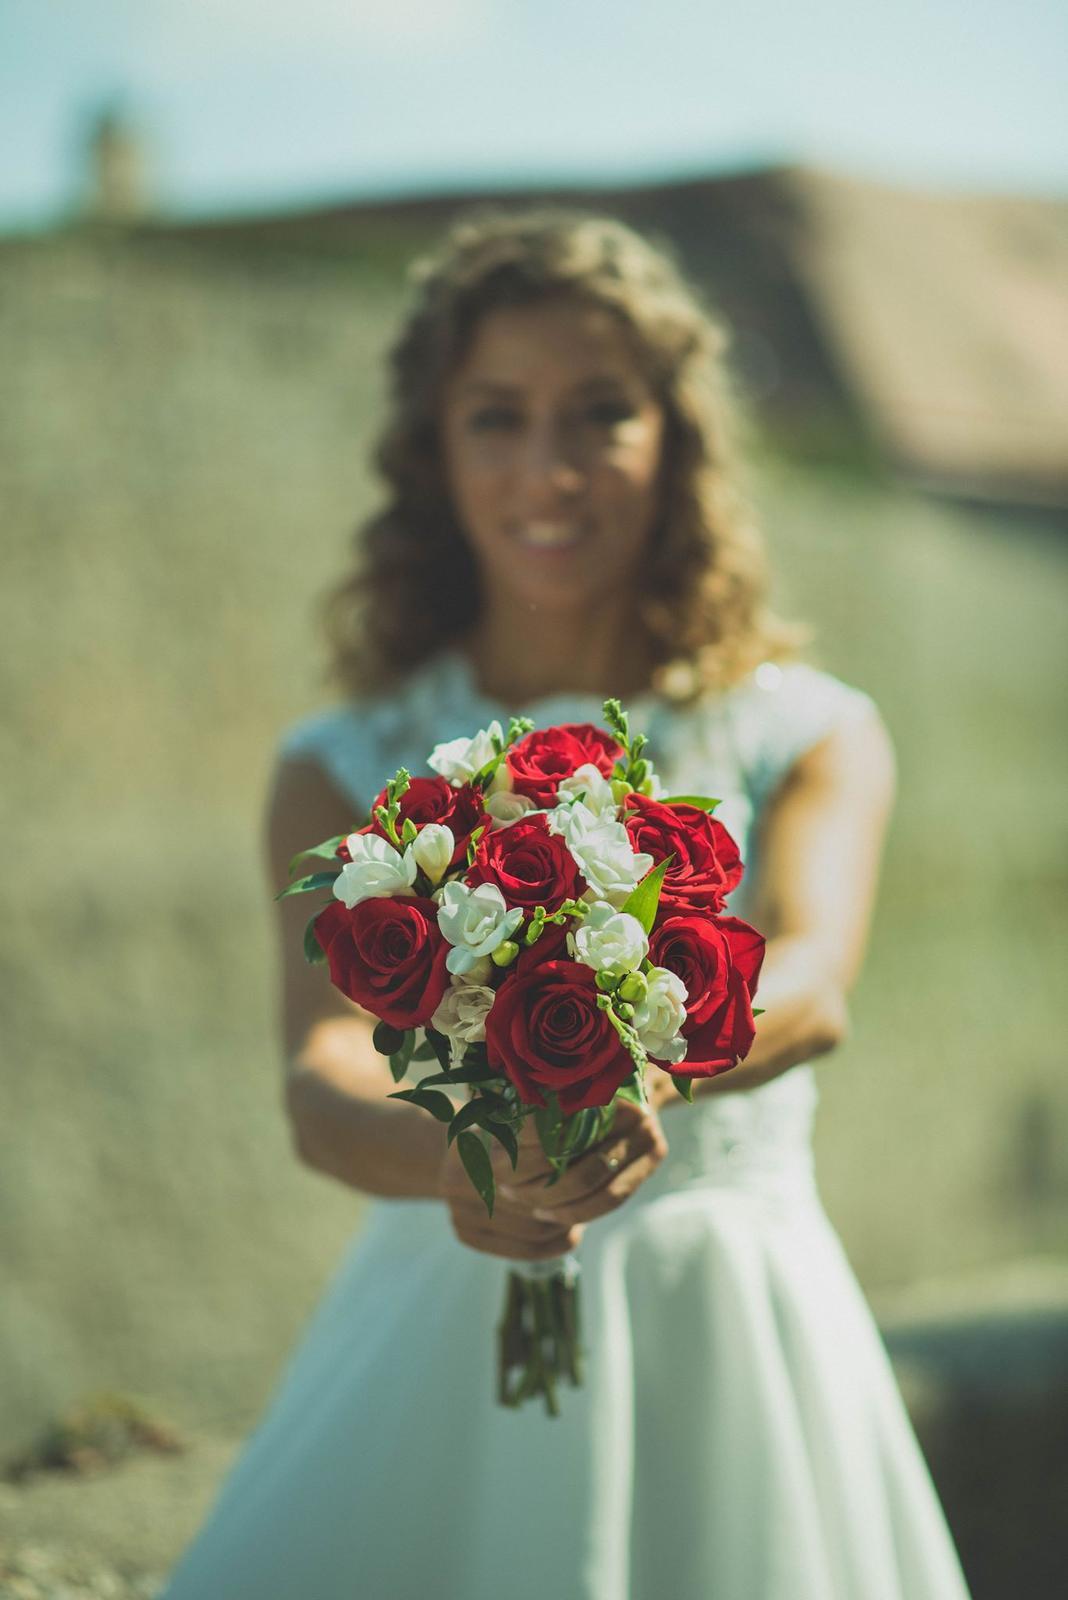 Fotka svadobnych siat, torty, kytice, atd. - Obrázok č. 2